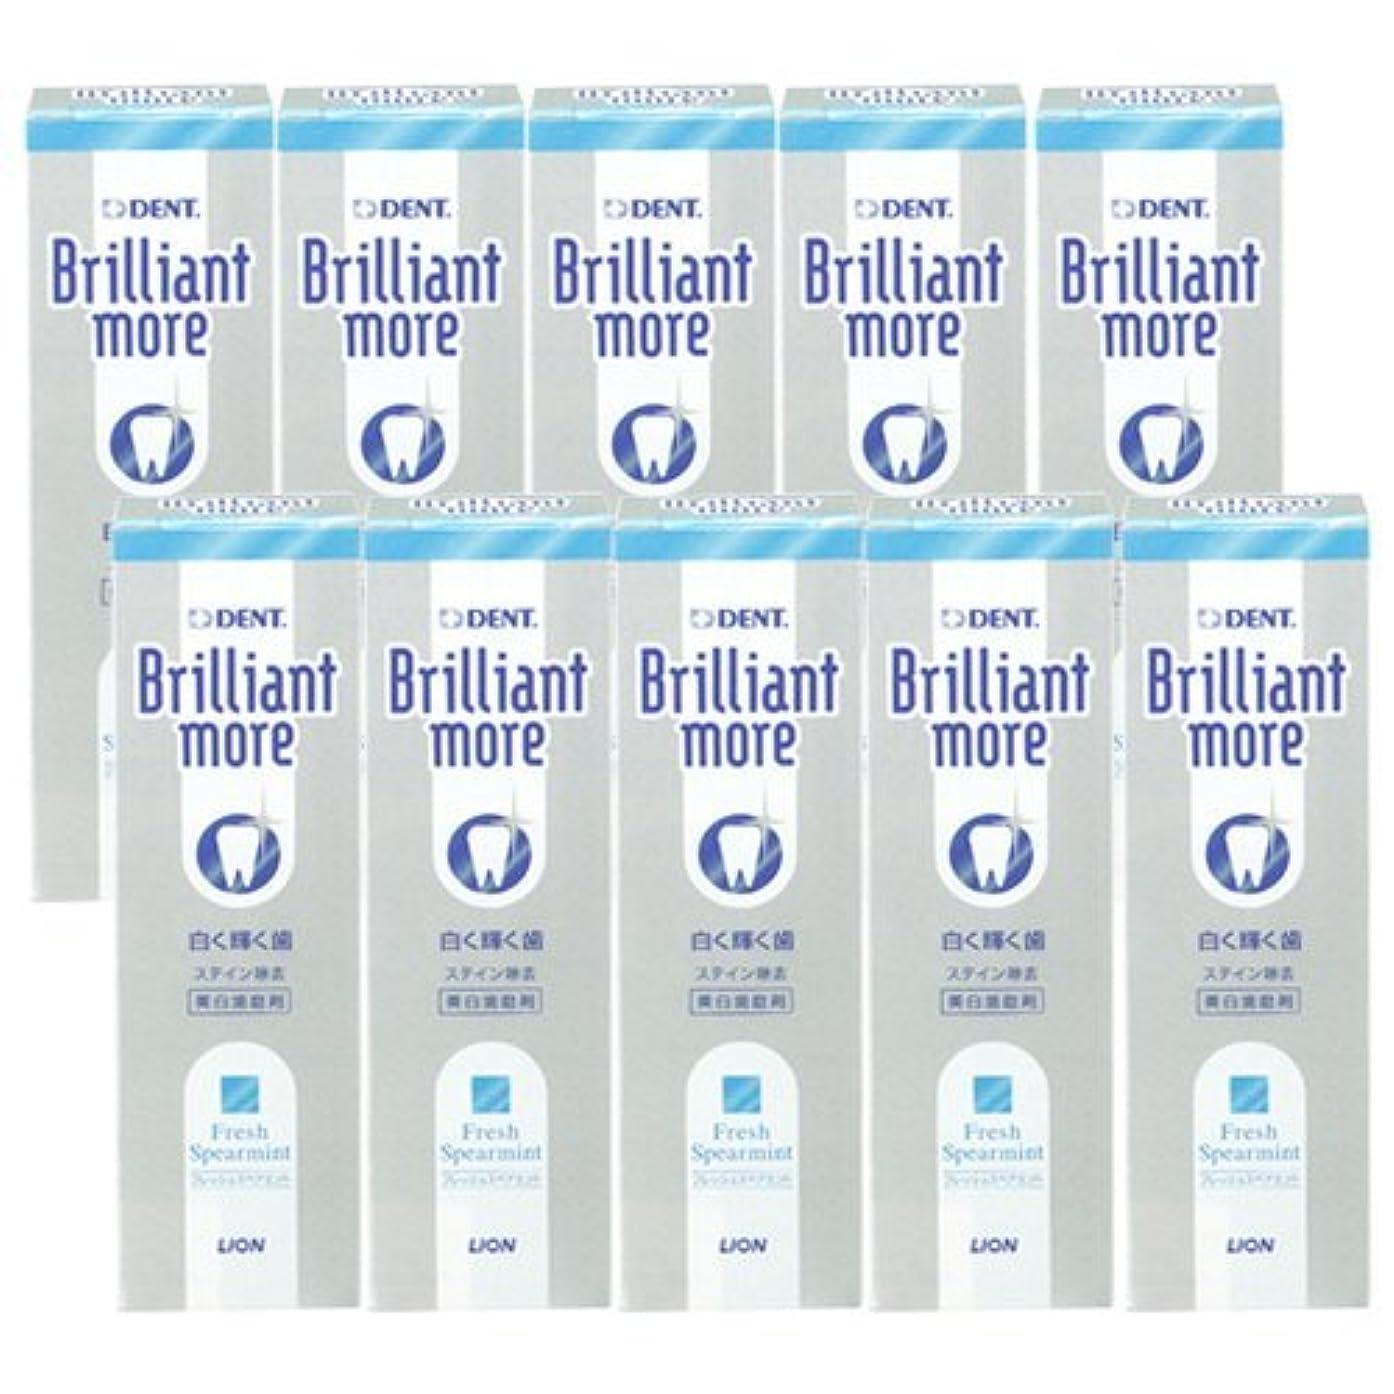 ゴネリル補正実用的ライオン ブリリアントモア フレッシュスペアミント 美白歯磨剤 LION Brilliant more 10本セット